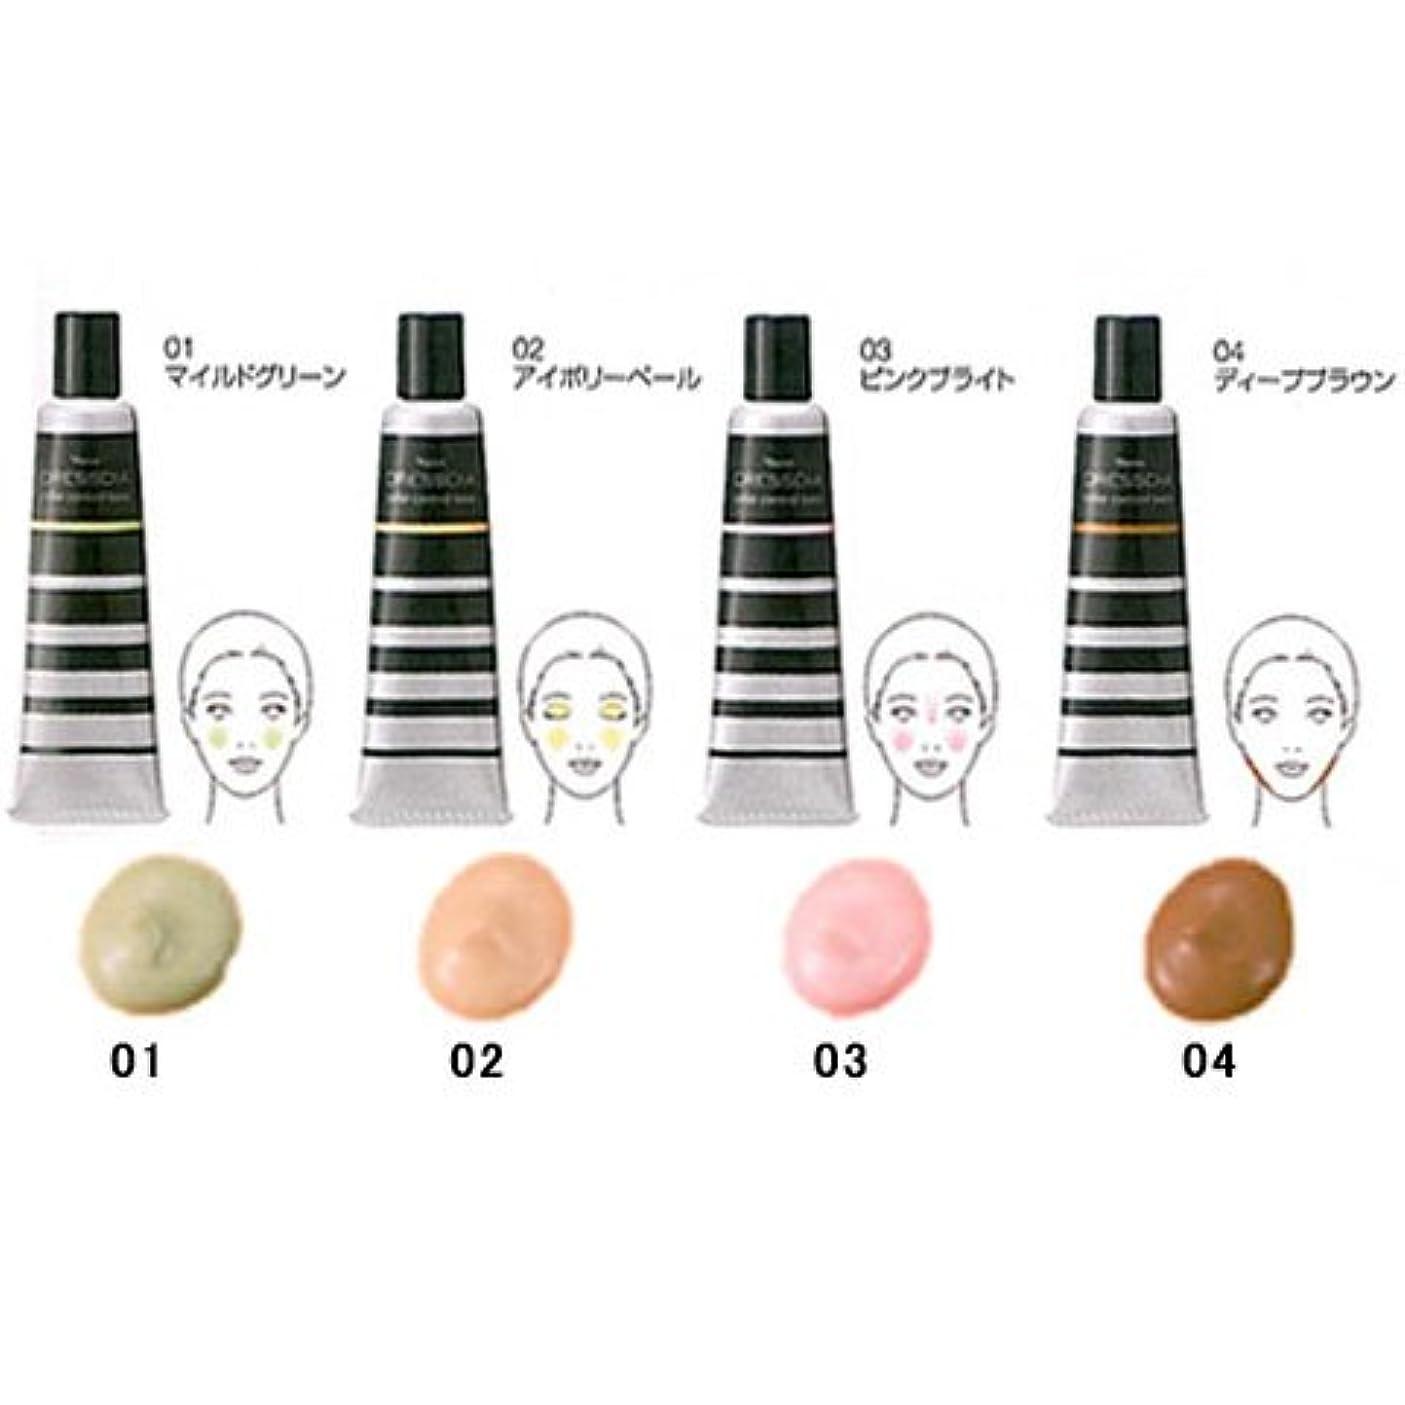 南東幹国歌ナリス化粧品 ドレスディア カラーコントロールベース部分用 化粧下地 20g 04 ディープブラウン